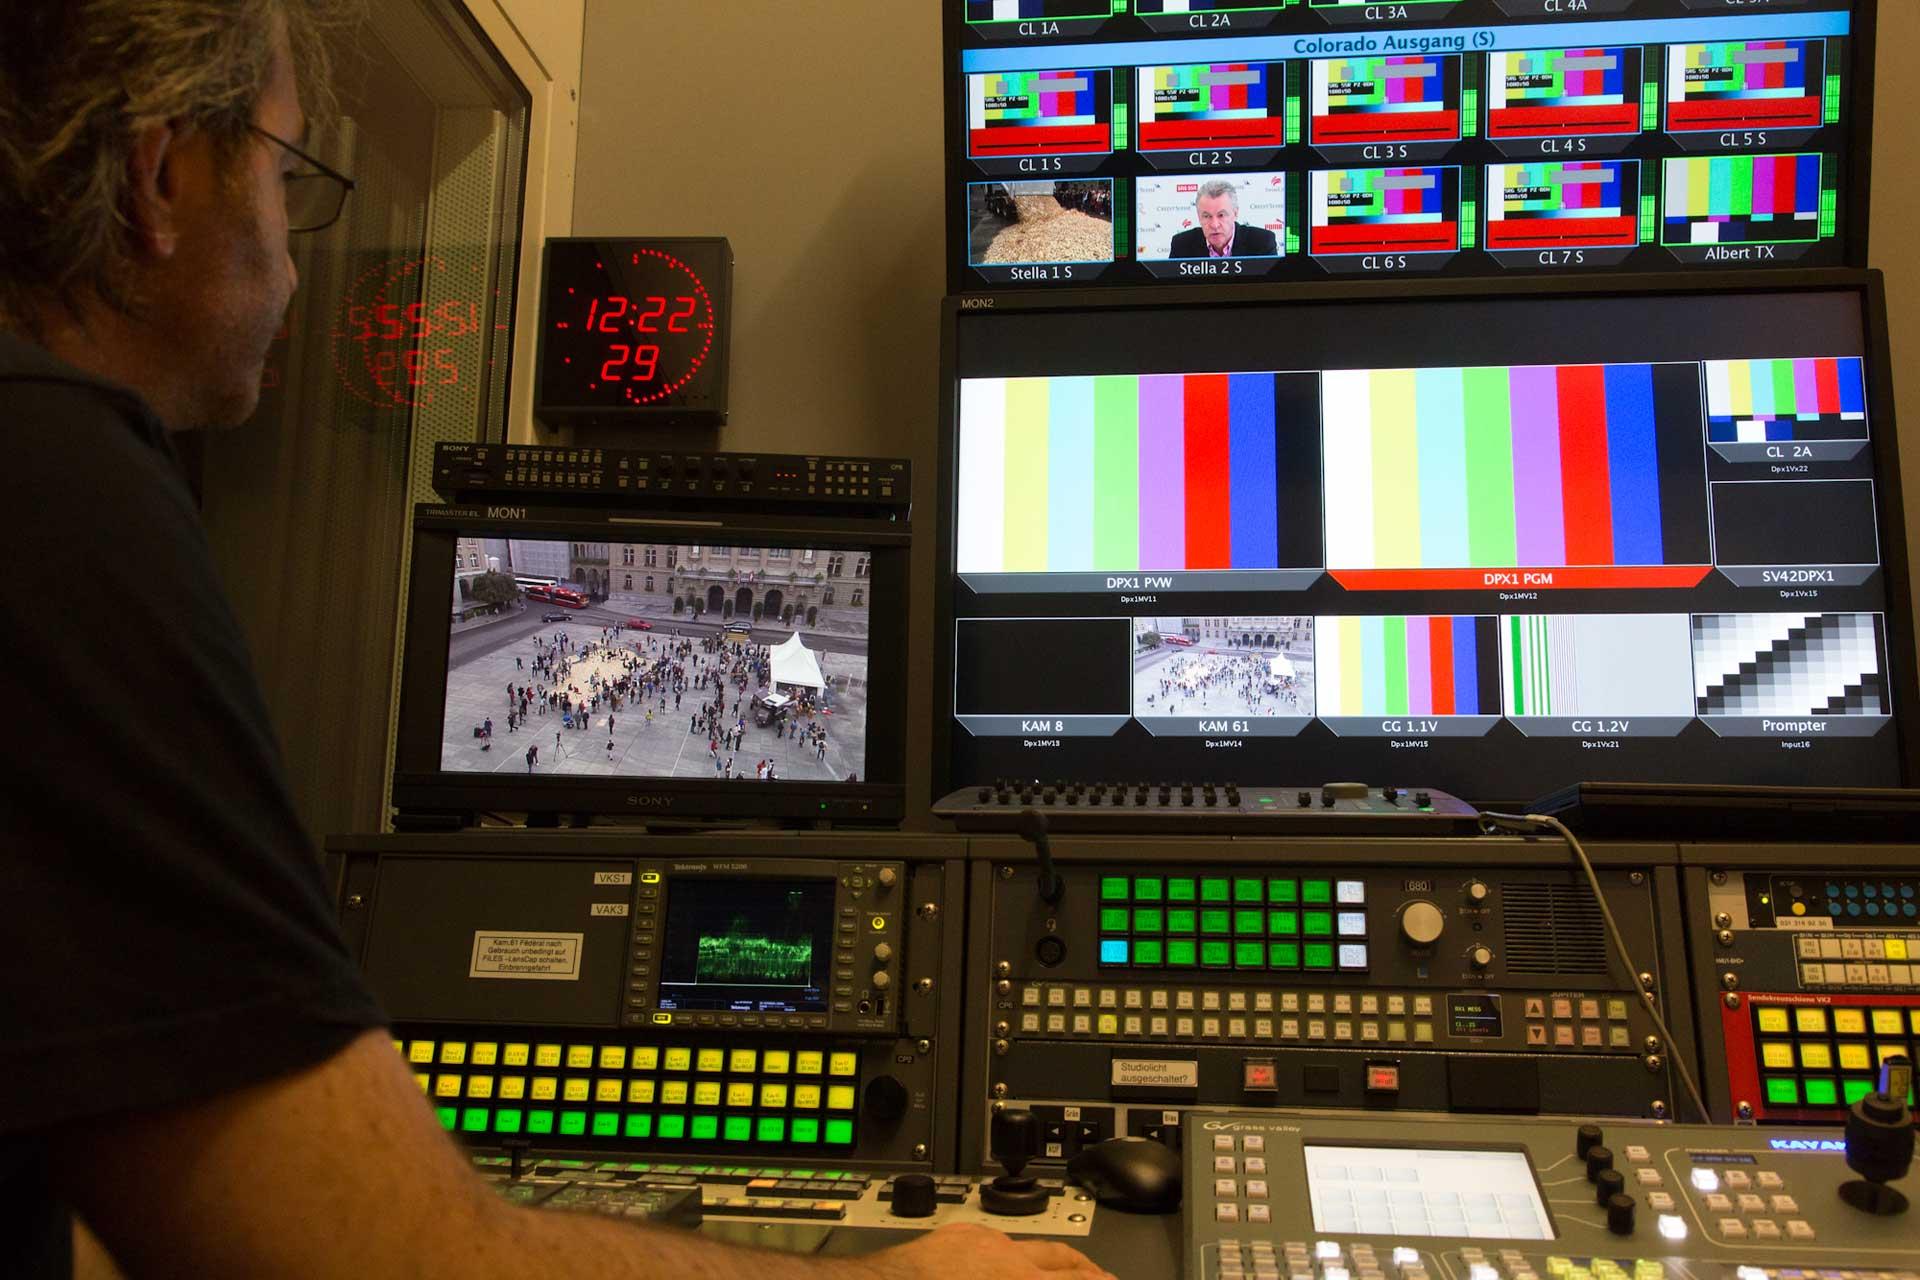 Das Bundeshaus-TV zeichnet alles auf...